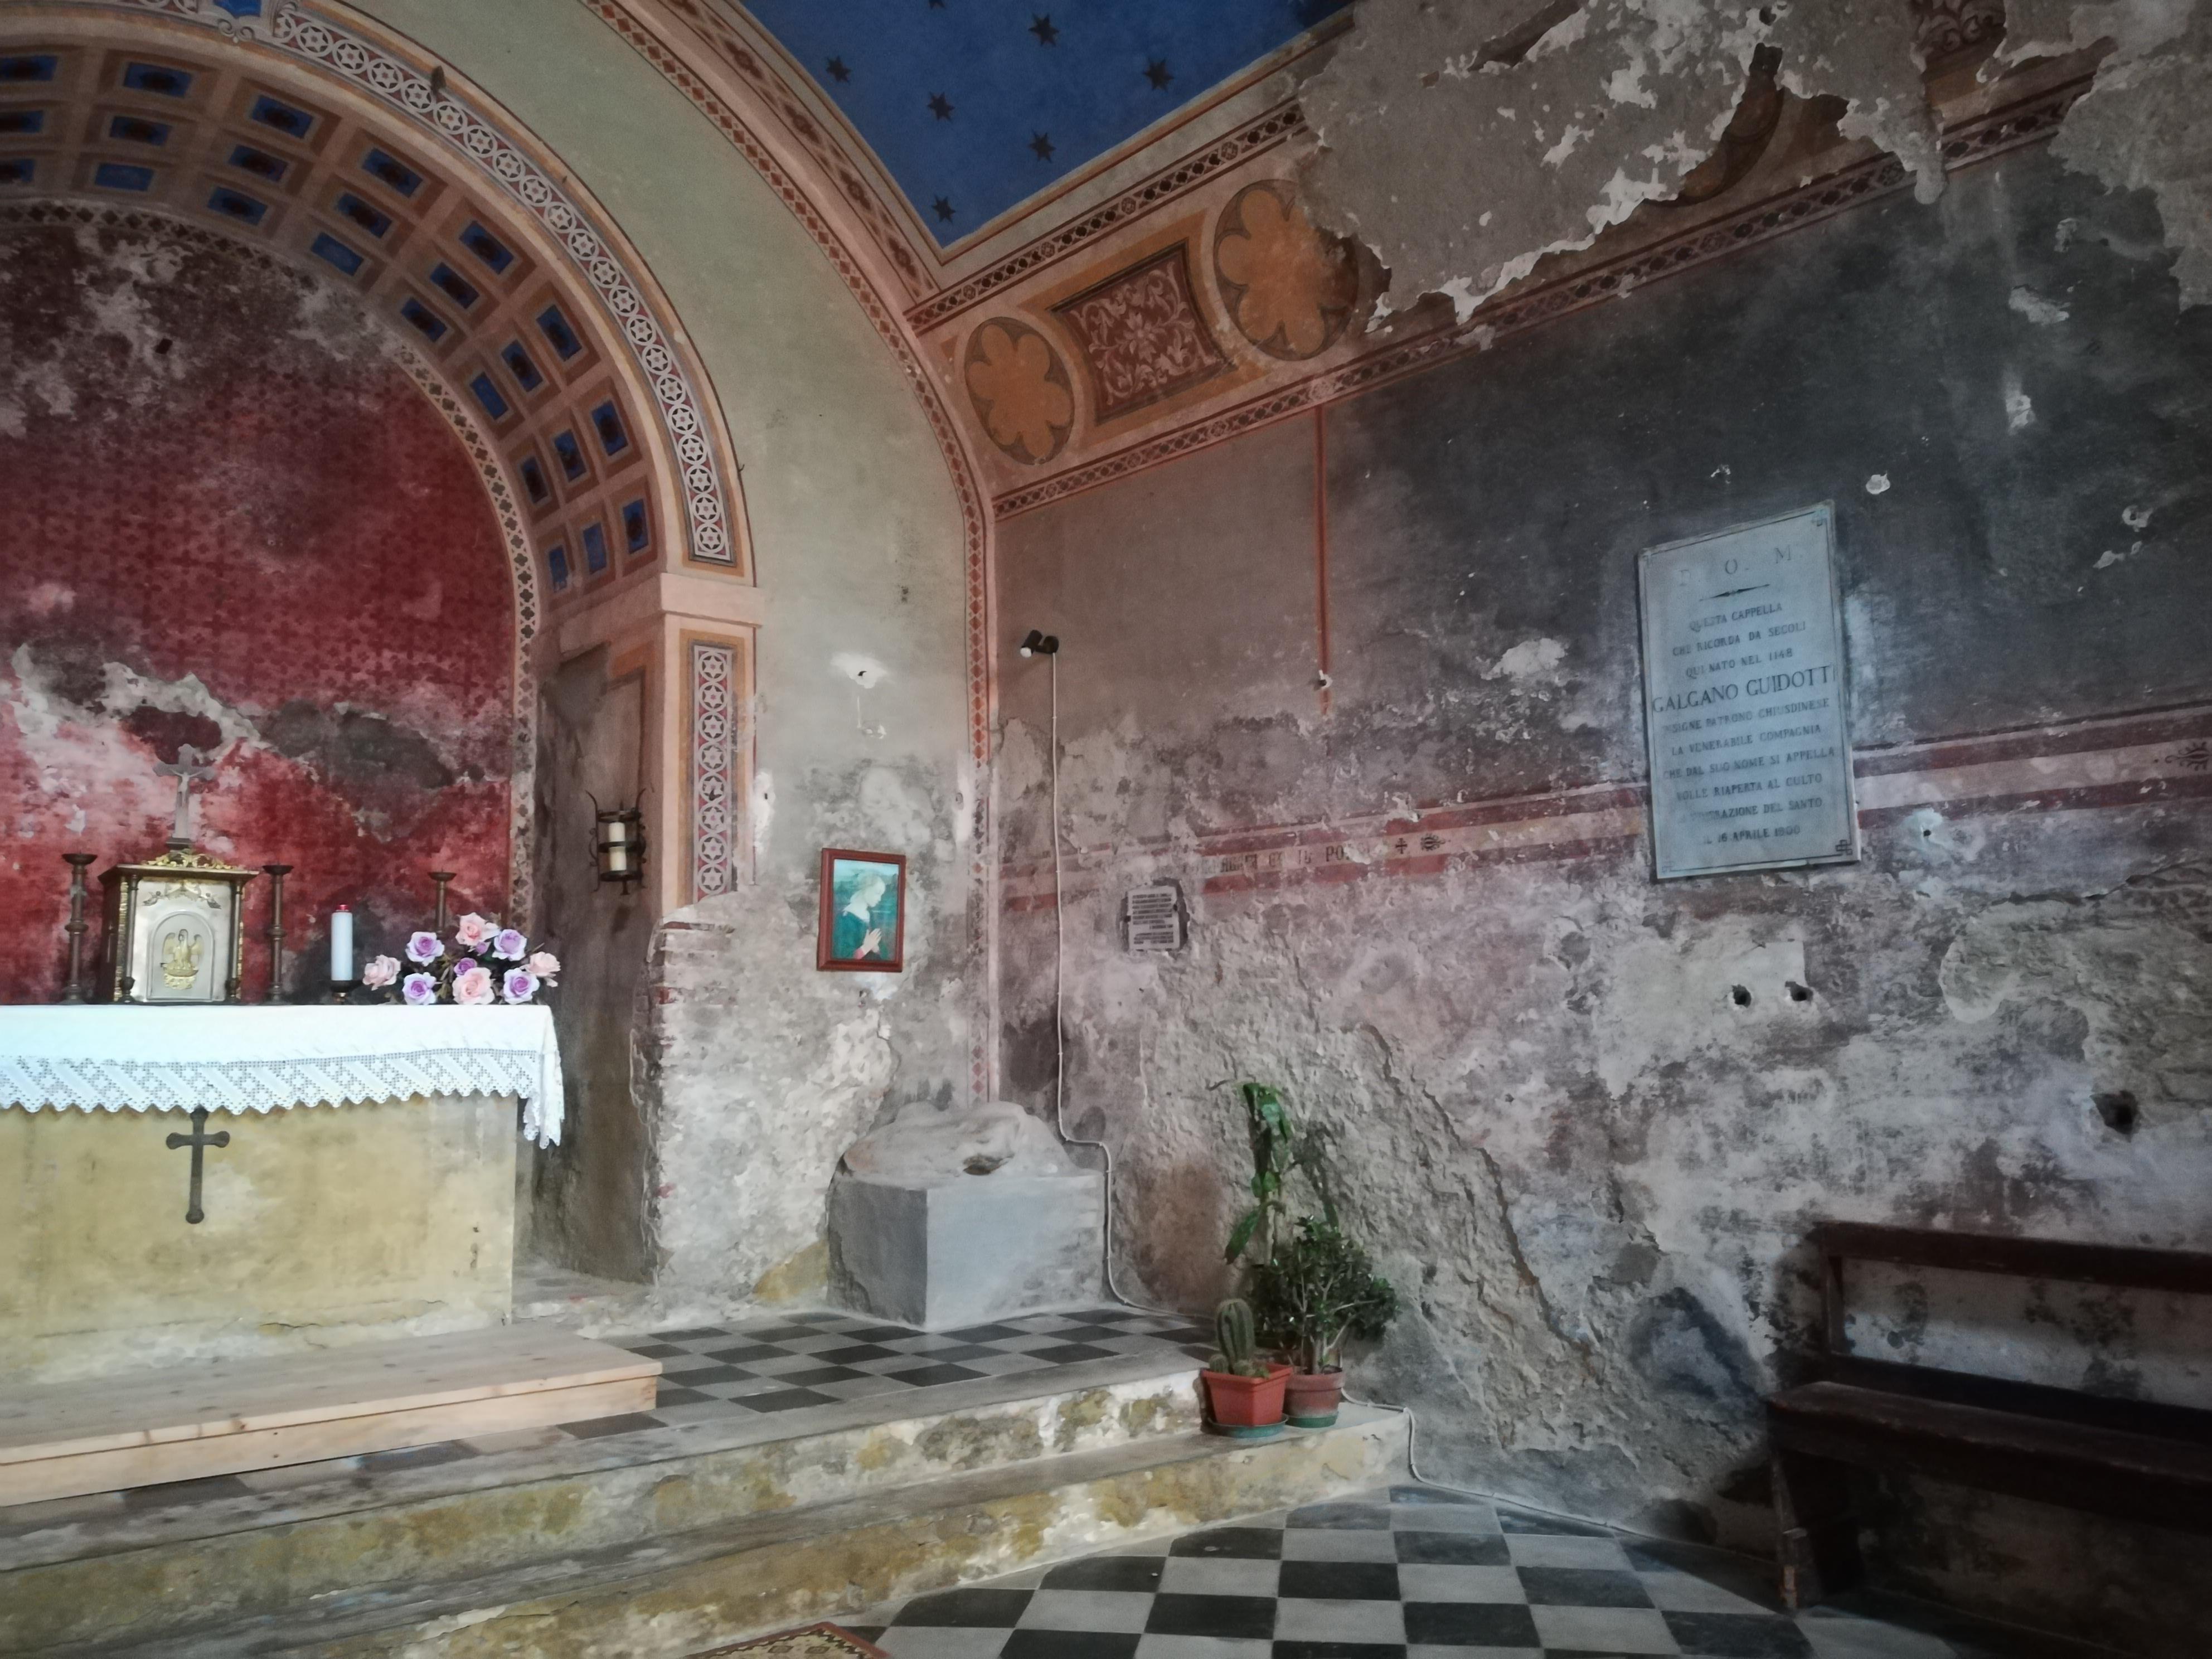 Casa natale di San Galgano cosa vedere a San Galgano GetCOO Travel Blog